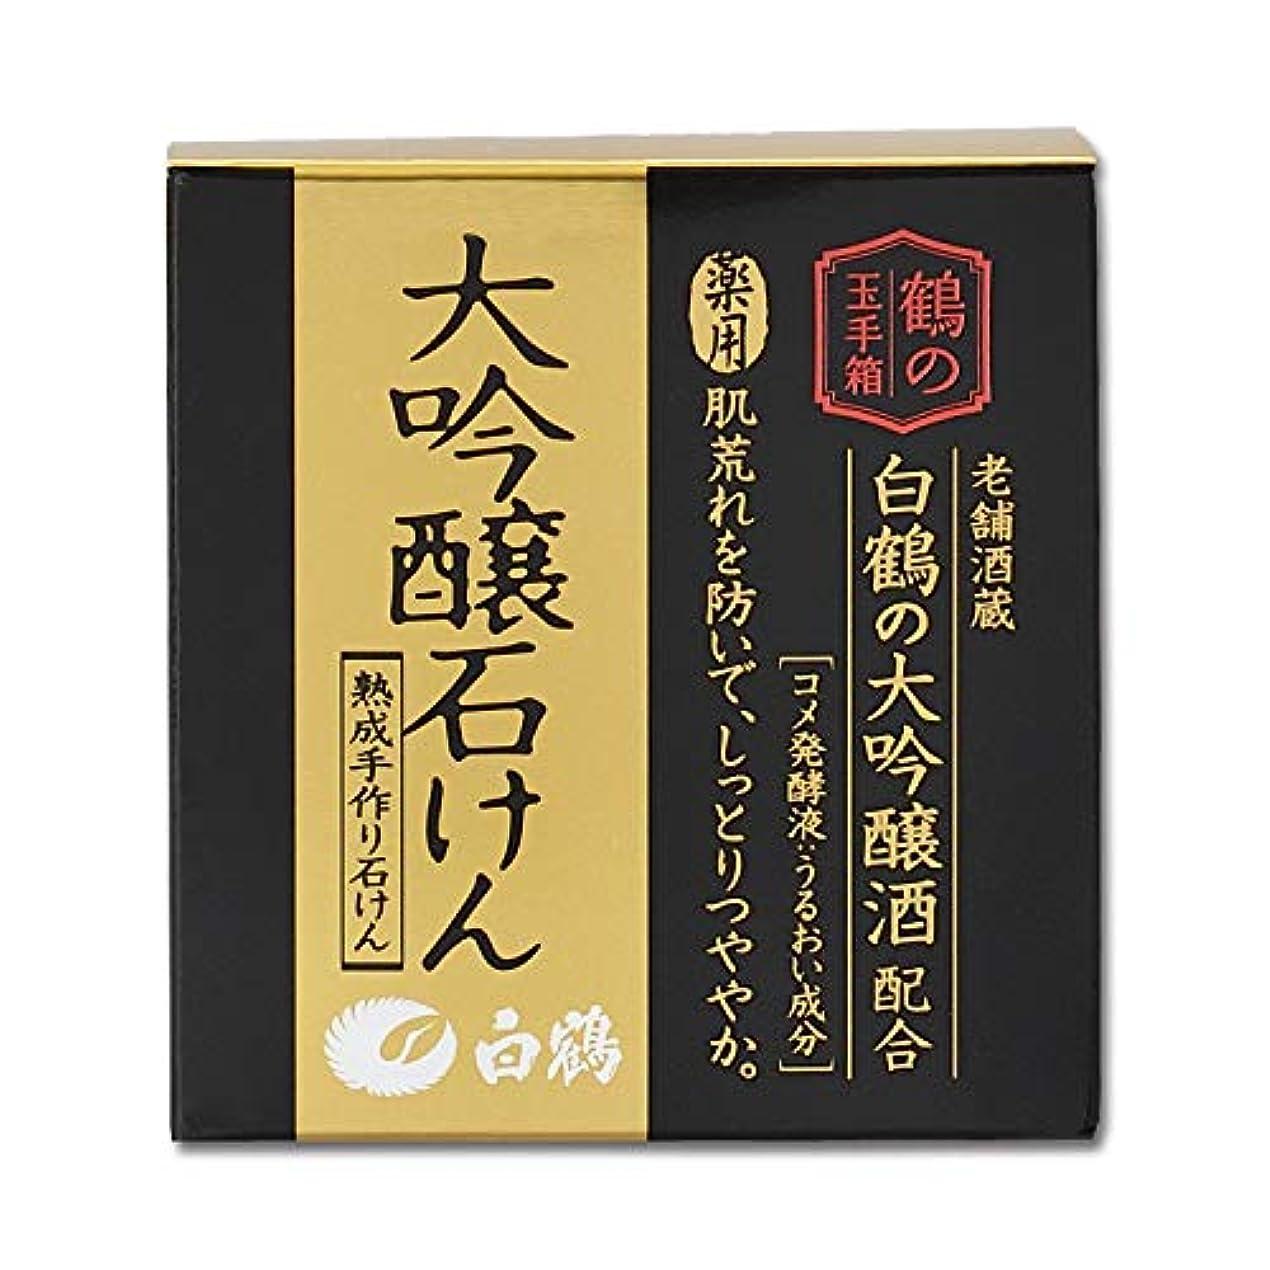 暗殺者選出する見捨てられた白鶴 鶴の玉手箱 薬用 大吟醸石けん 100g (医薬部外品)